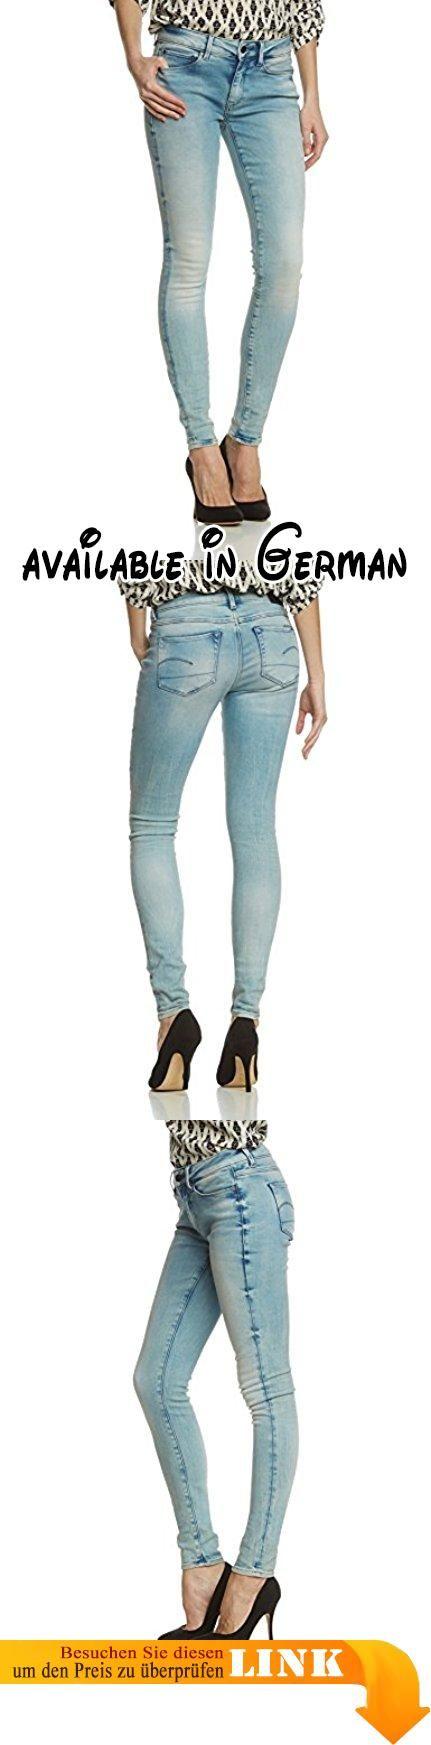 G-STAR Damen Skinny Jeanshose 3301 Contour High Super - alpines superstretch, Gr. W28/L34, Blau (lt aged 424). Die G-Star 3301 ist eine stilneutrale Jeans mit klassischem 5-Pocket-Schnitt. Auf ihre reine Form reduziert, kombiniert diese essentielle Jeans authentische Details mit purem Styling. Die 3301 Contour High Skinny ist aus ausgewaschenem Denim gefertigt, dehnbar und bequem. 'Aged', um den Original-Denim-Farbton aufzuhellen und frische, leuchtende verblichene Stellen